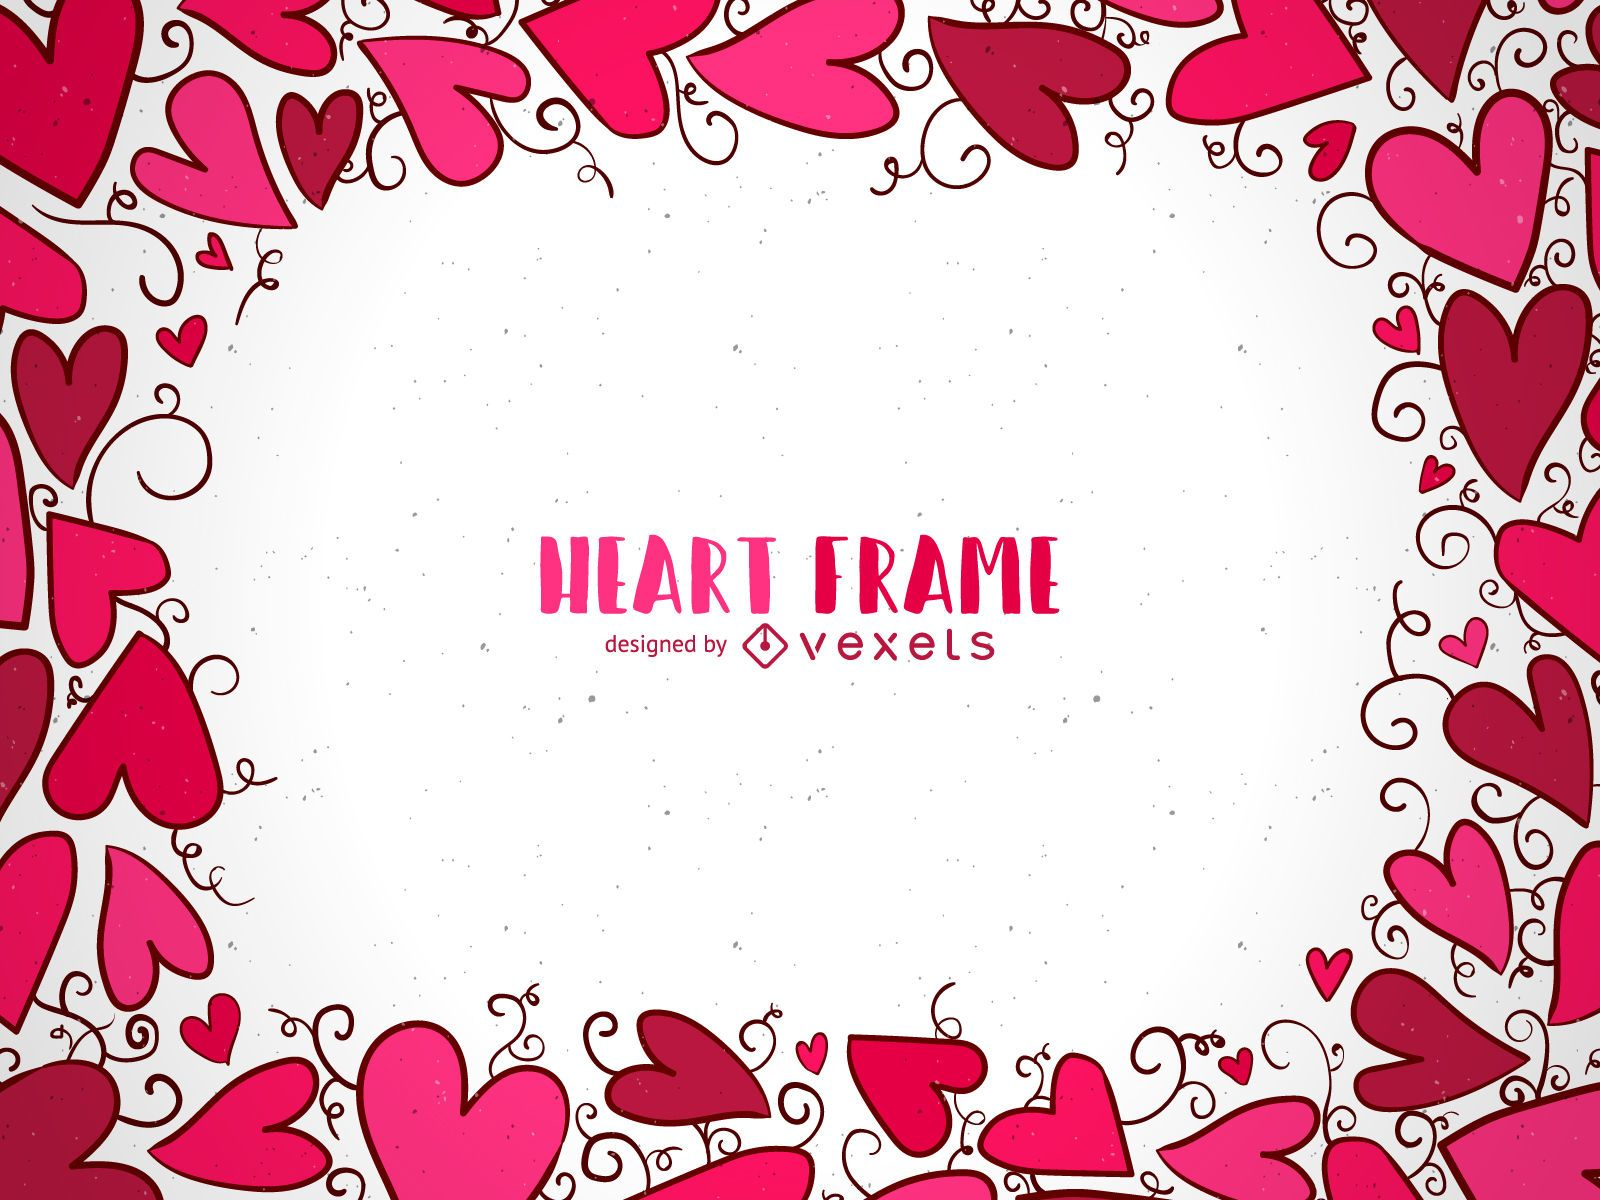 Marco de corazón dibujado a mano de San Valentín - Descargar vector